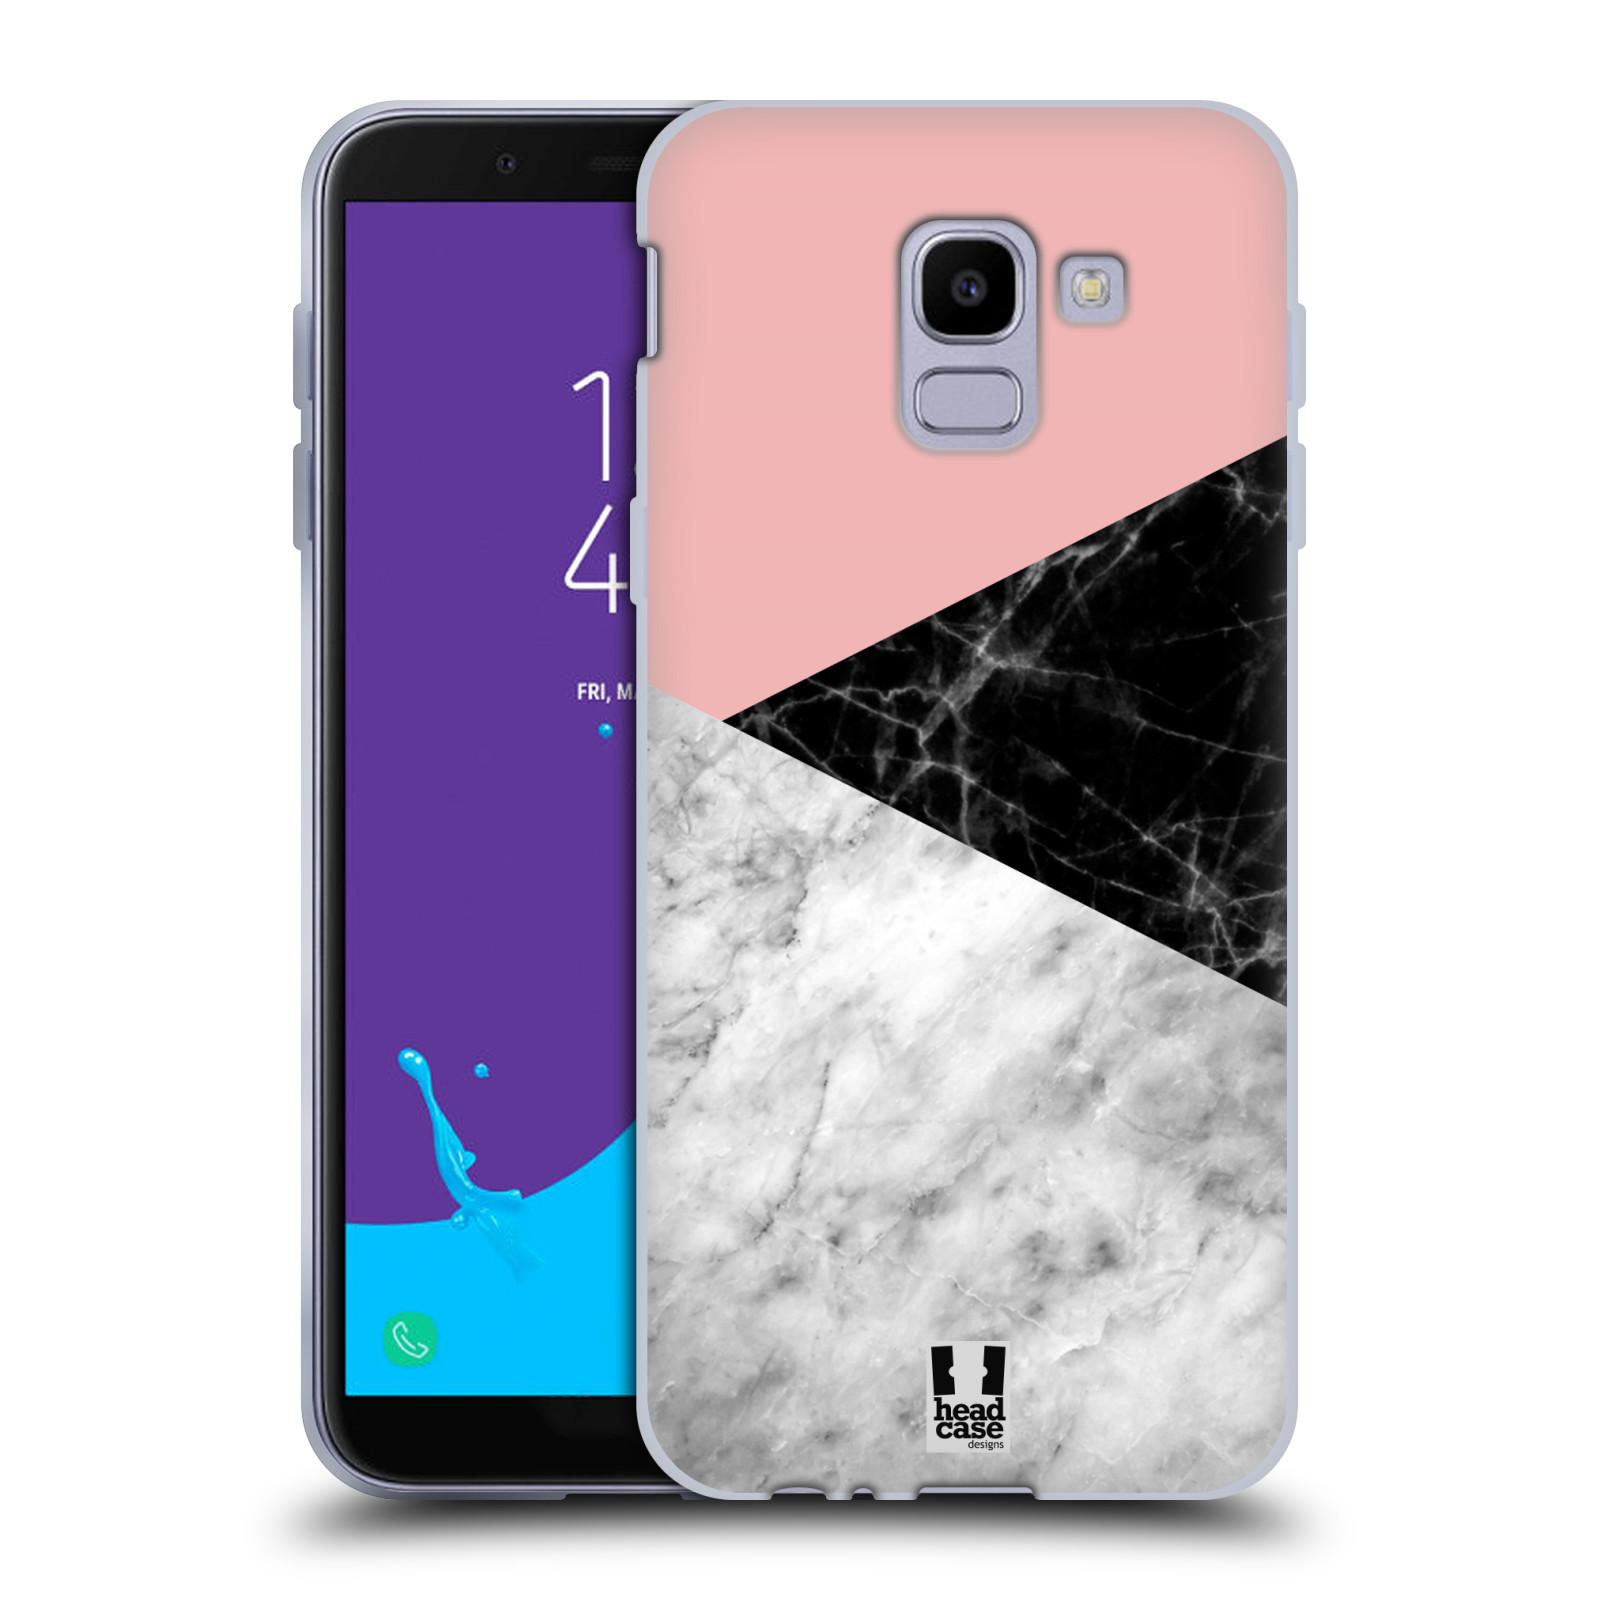 Silikonové pouzdro na mobil Samsung Galaxy J6 (2018) - Head Case - Mramor mix